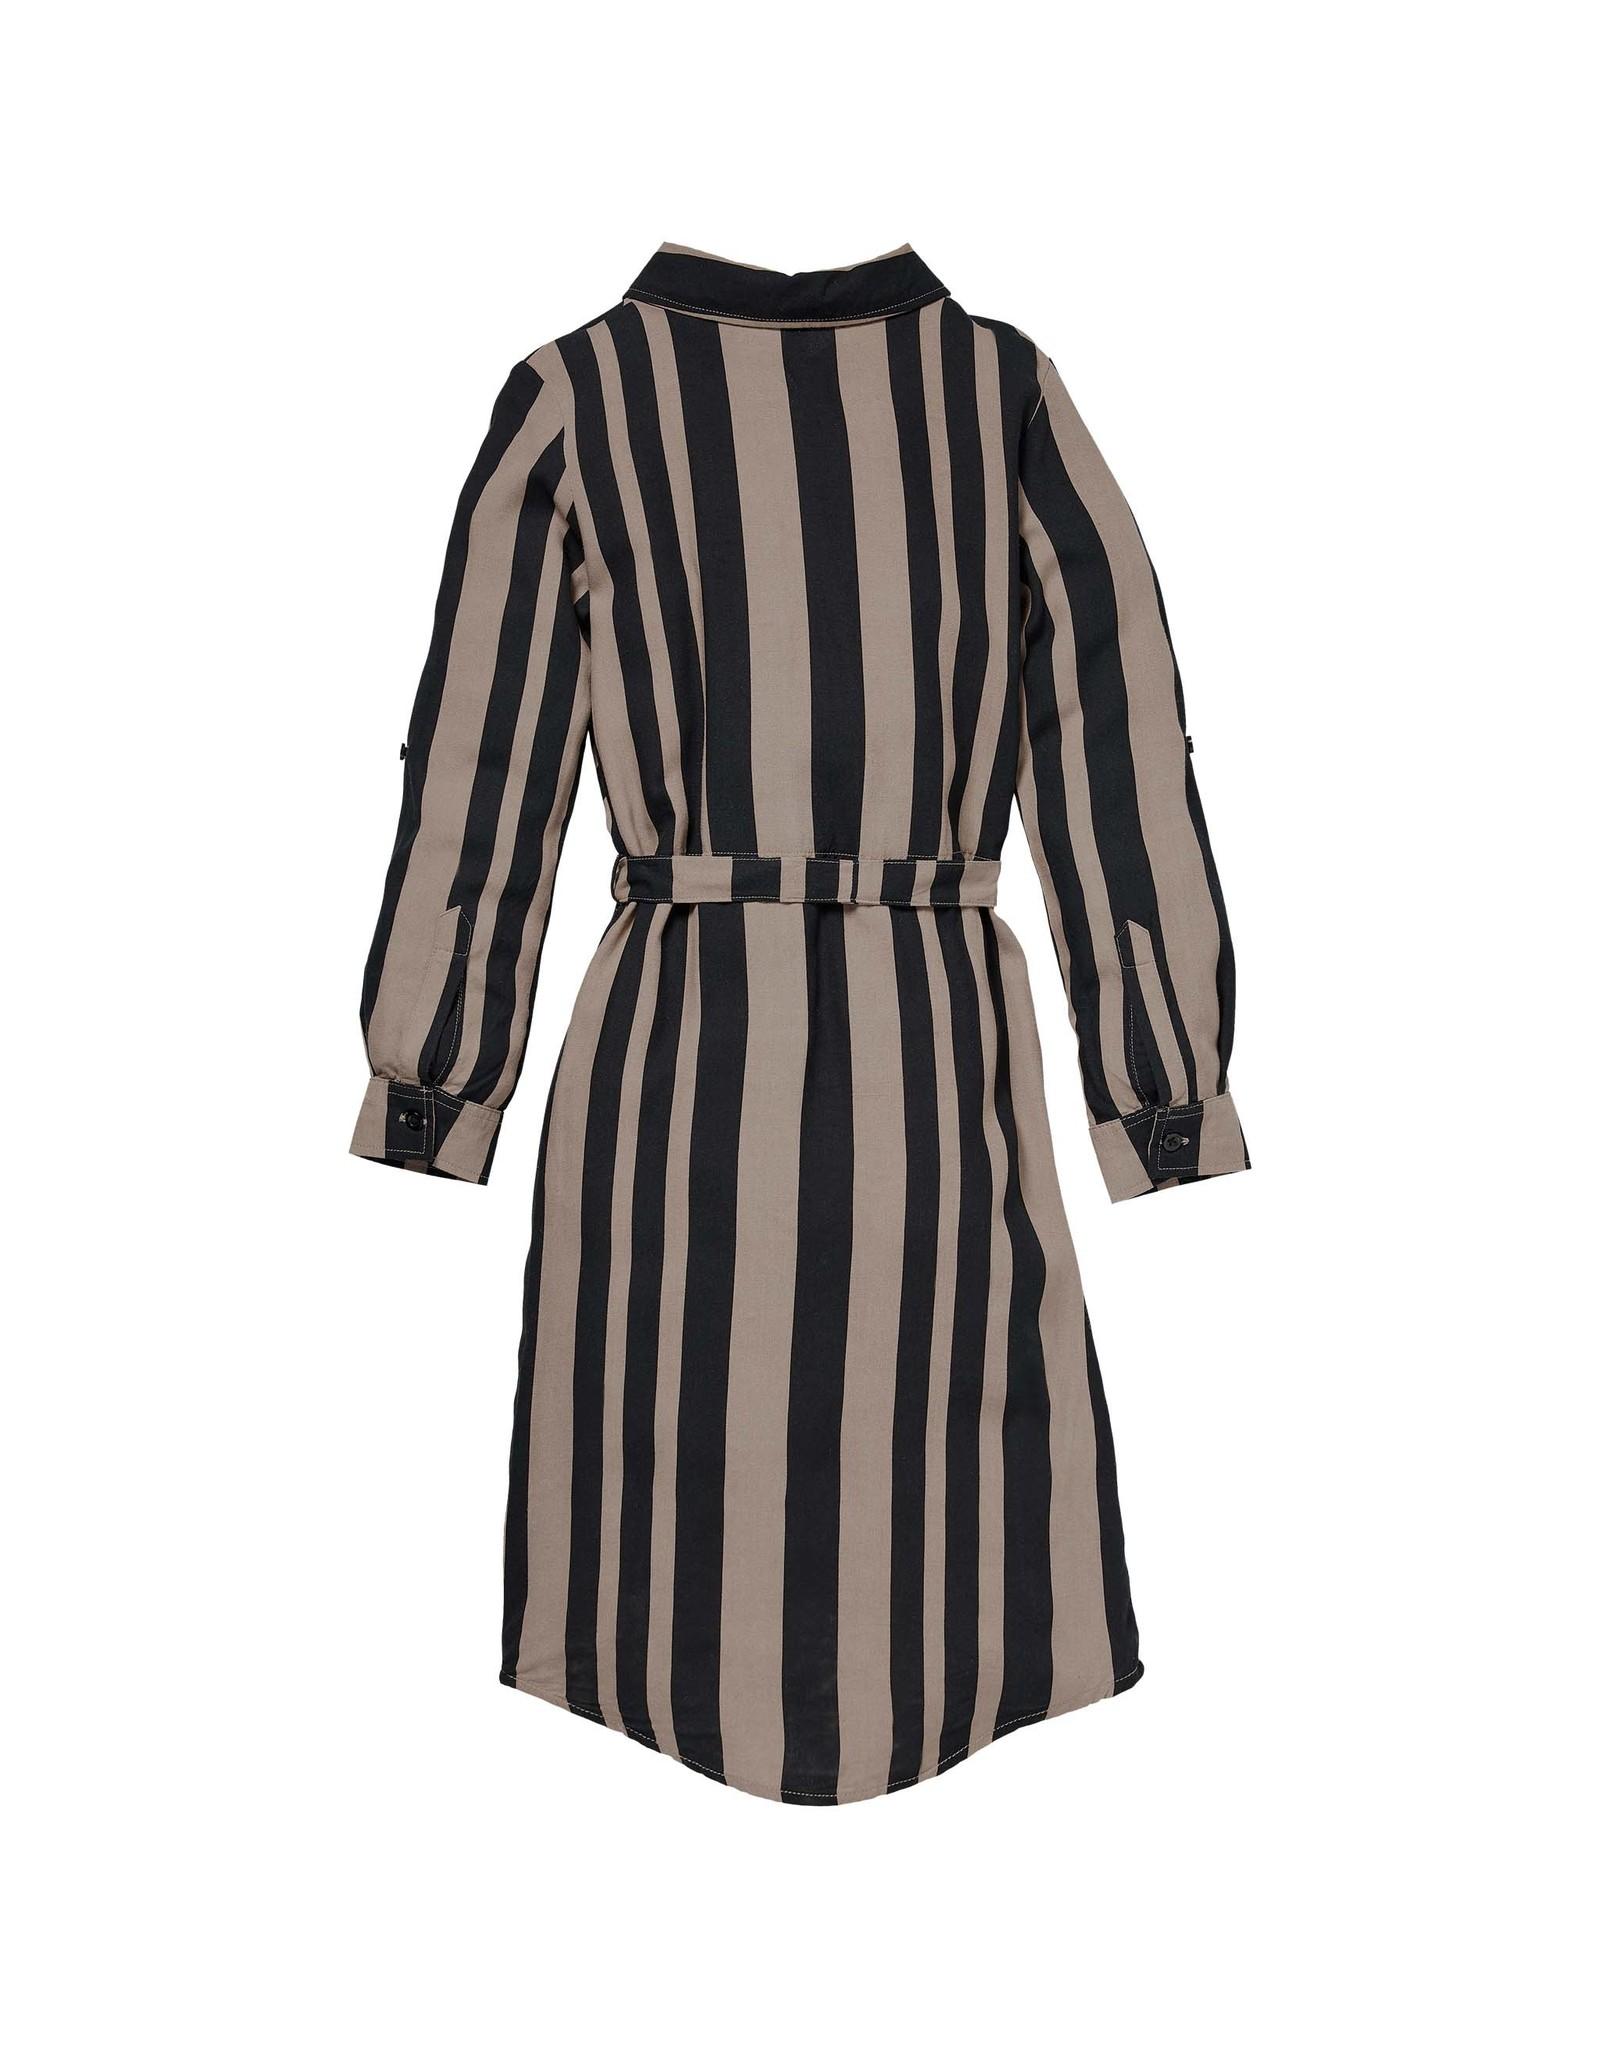 LEVV Levv meiden lange jurk Renske aop Black Stripe